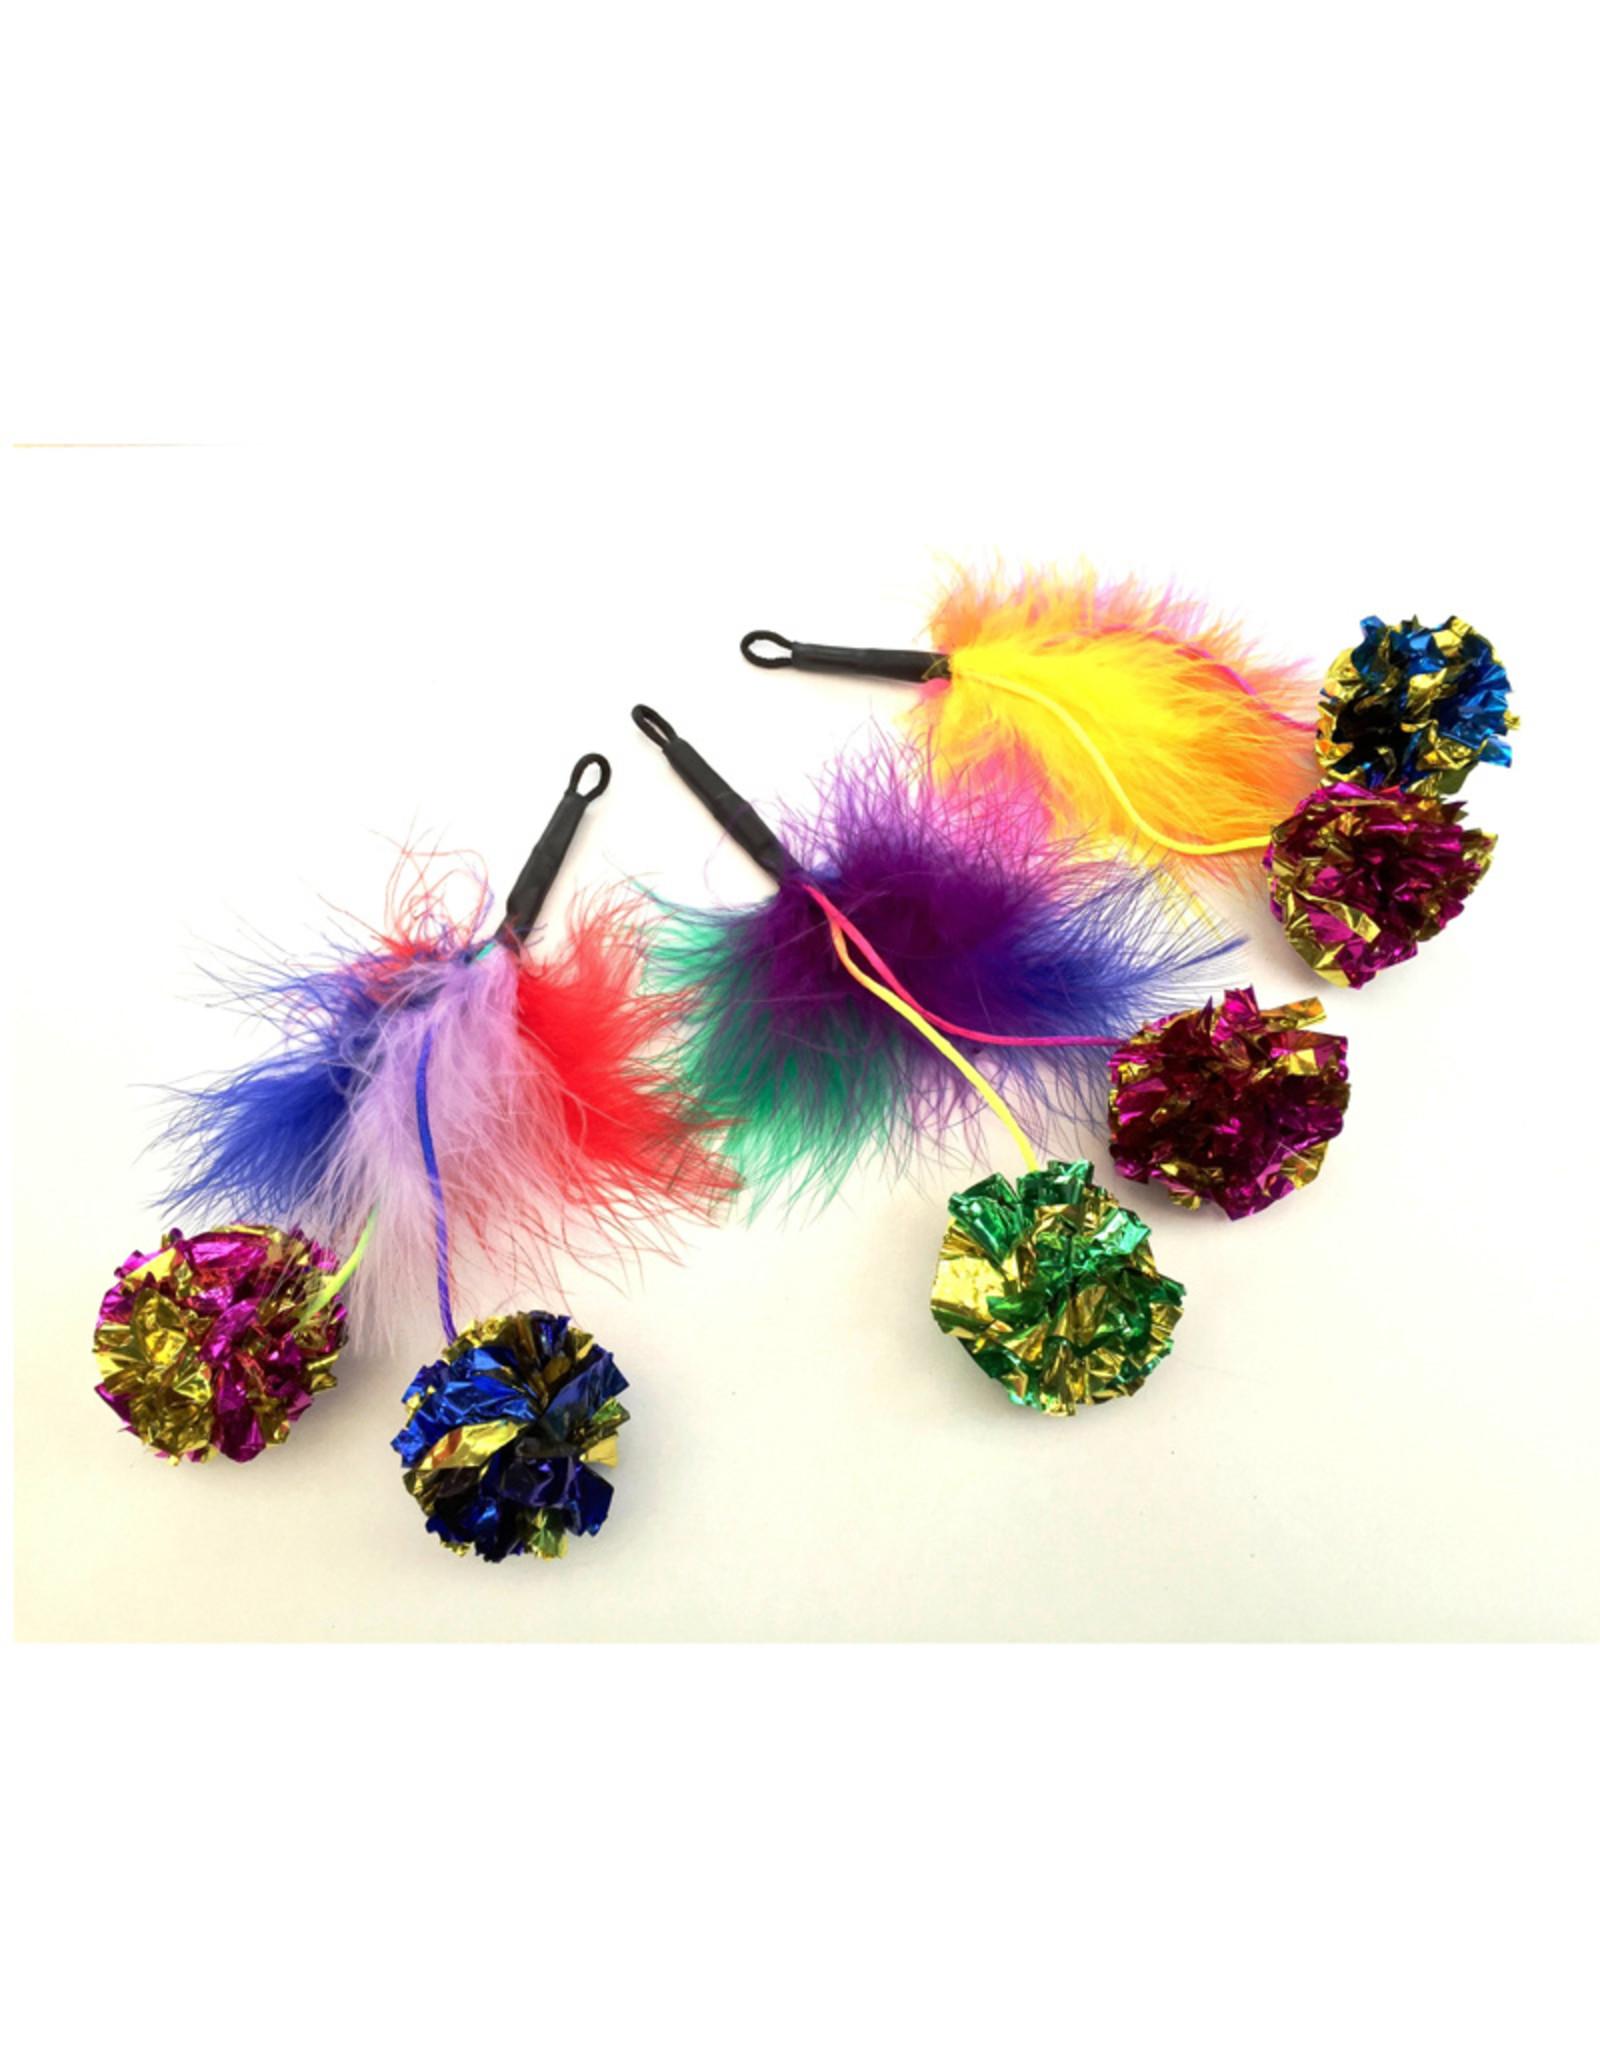 Purrs Feather Crinkle Pomz - knisperveer